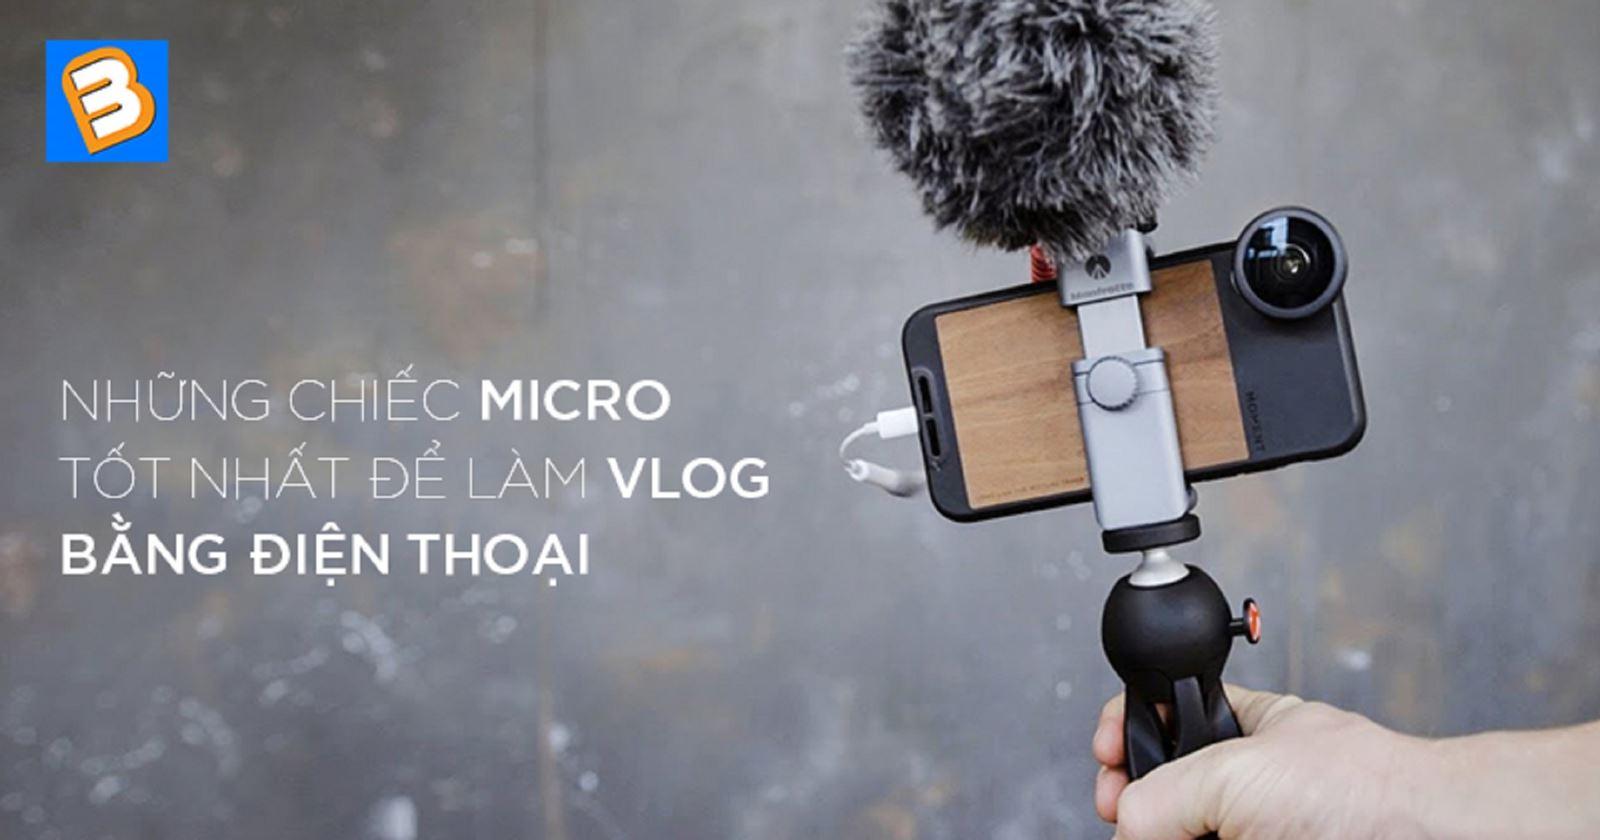 Những chiếcmicro tốt nhất đểlàm vlog bằng điện thoại